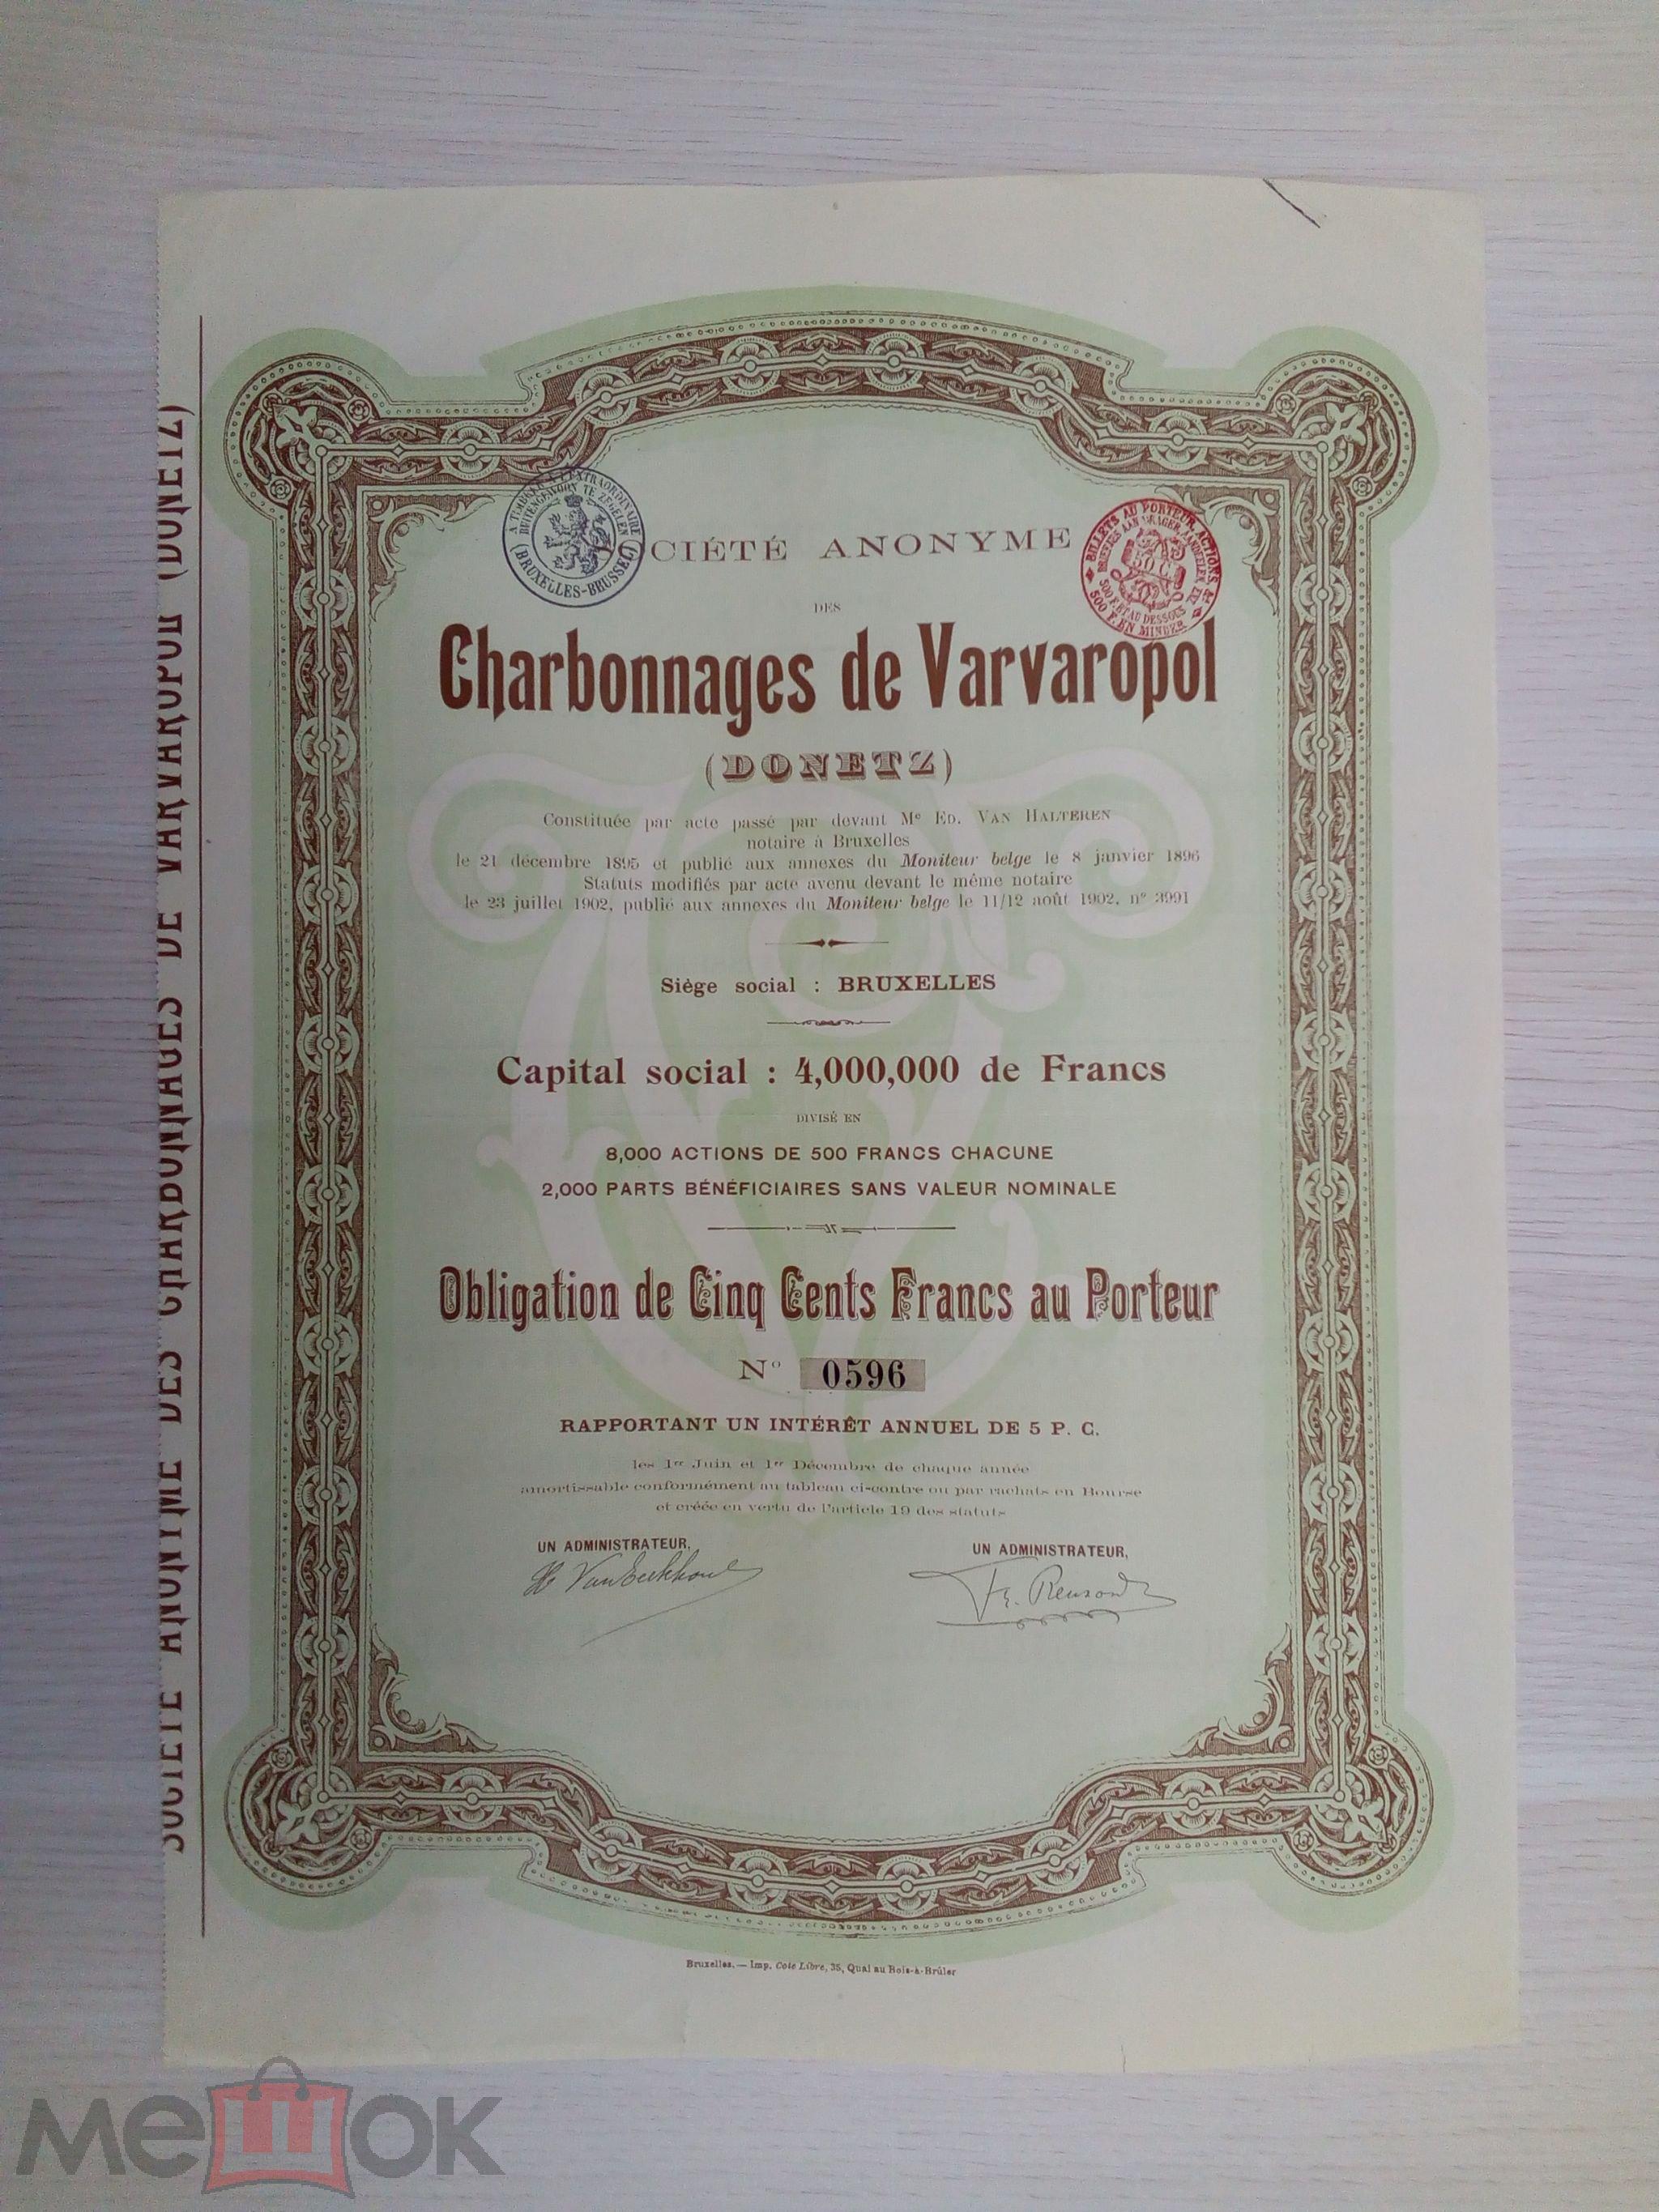 АО Угольные шахты Варварополь (Донецк), заем 1902г. в 500 франков. СОСТОЯНИЕ.